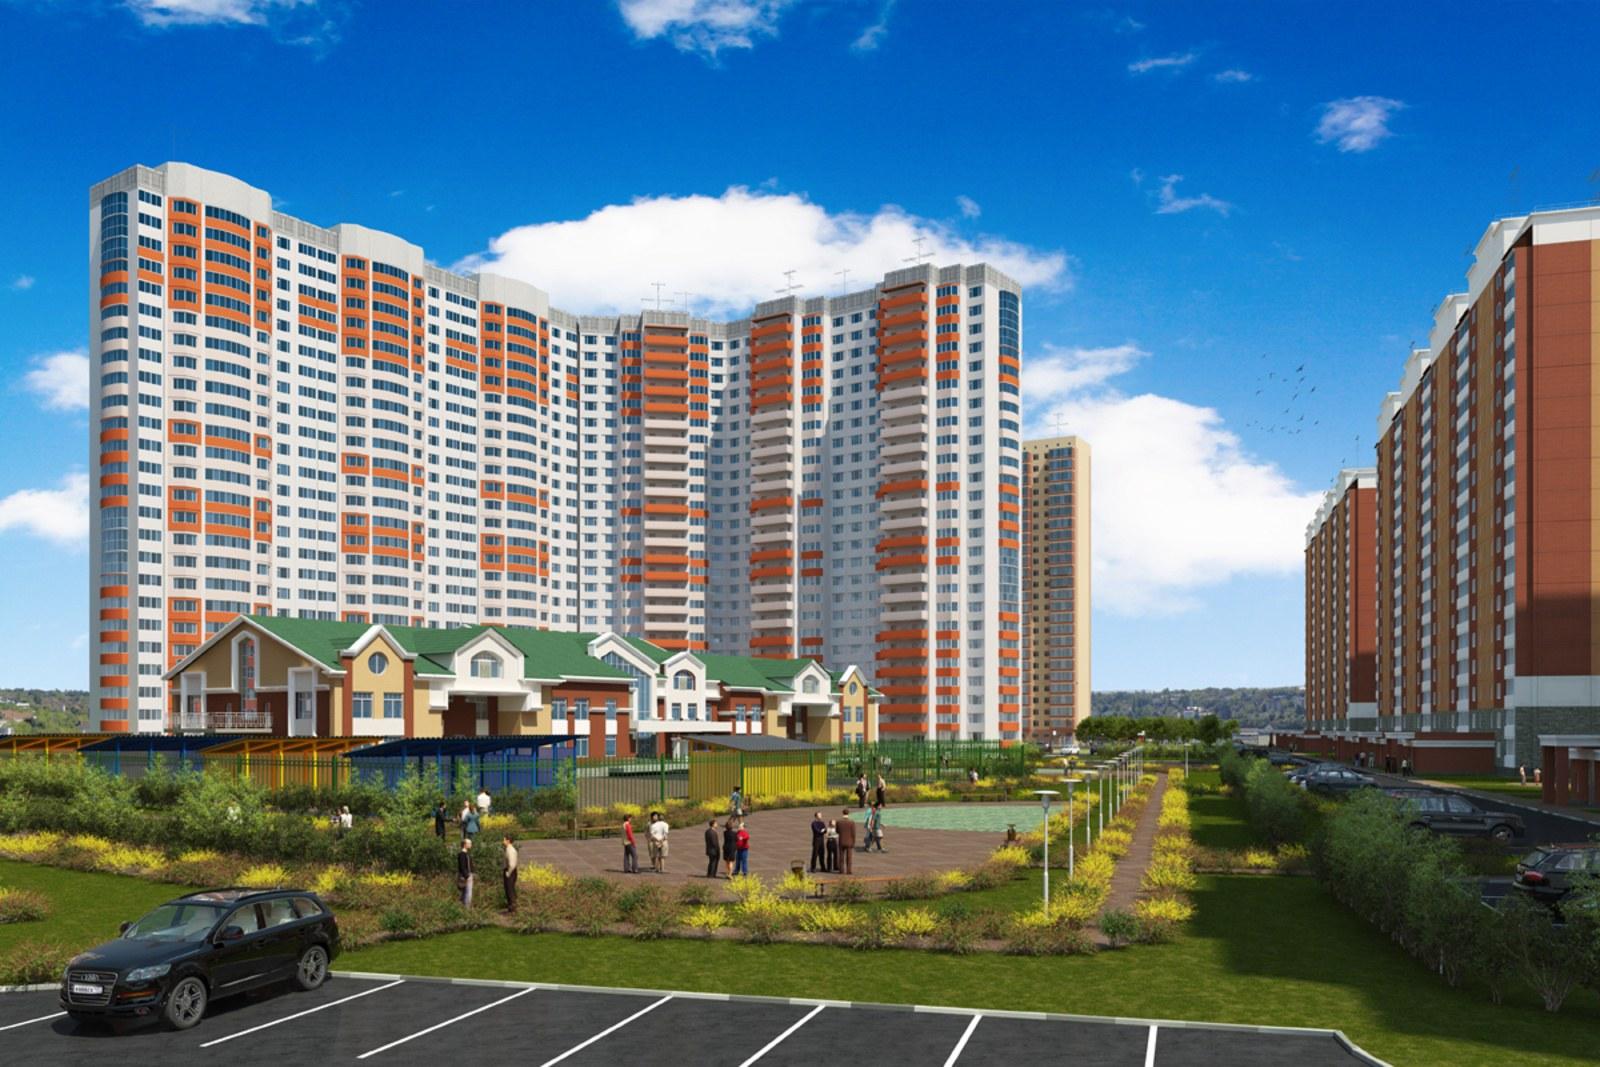 В новом корпусе ЖК «Домодедово Парк» принимаются предварительные заявки на квартиры